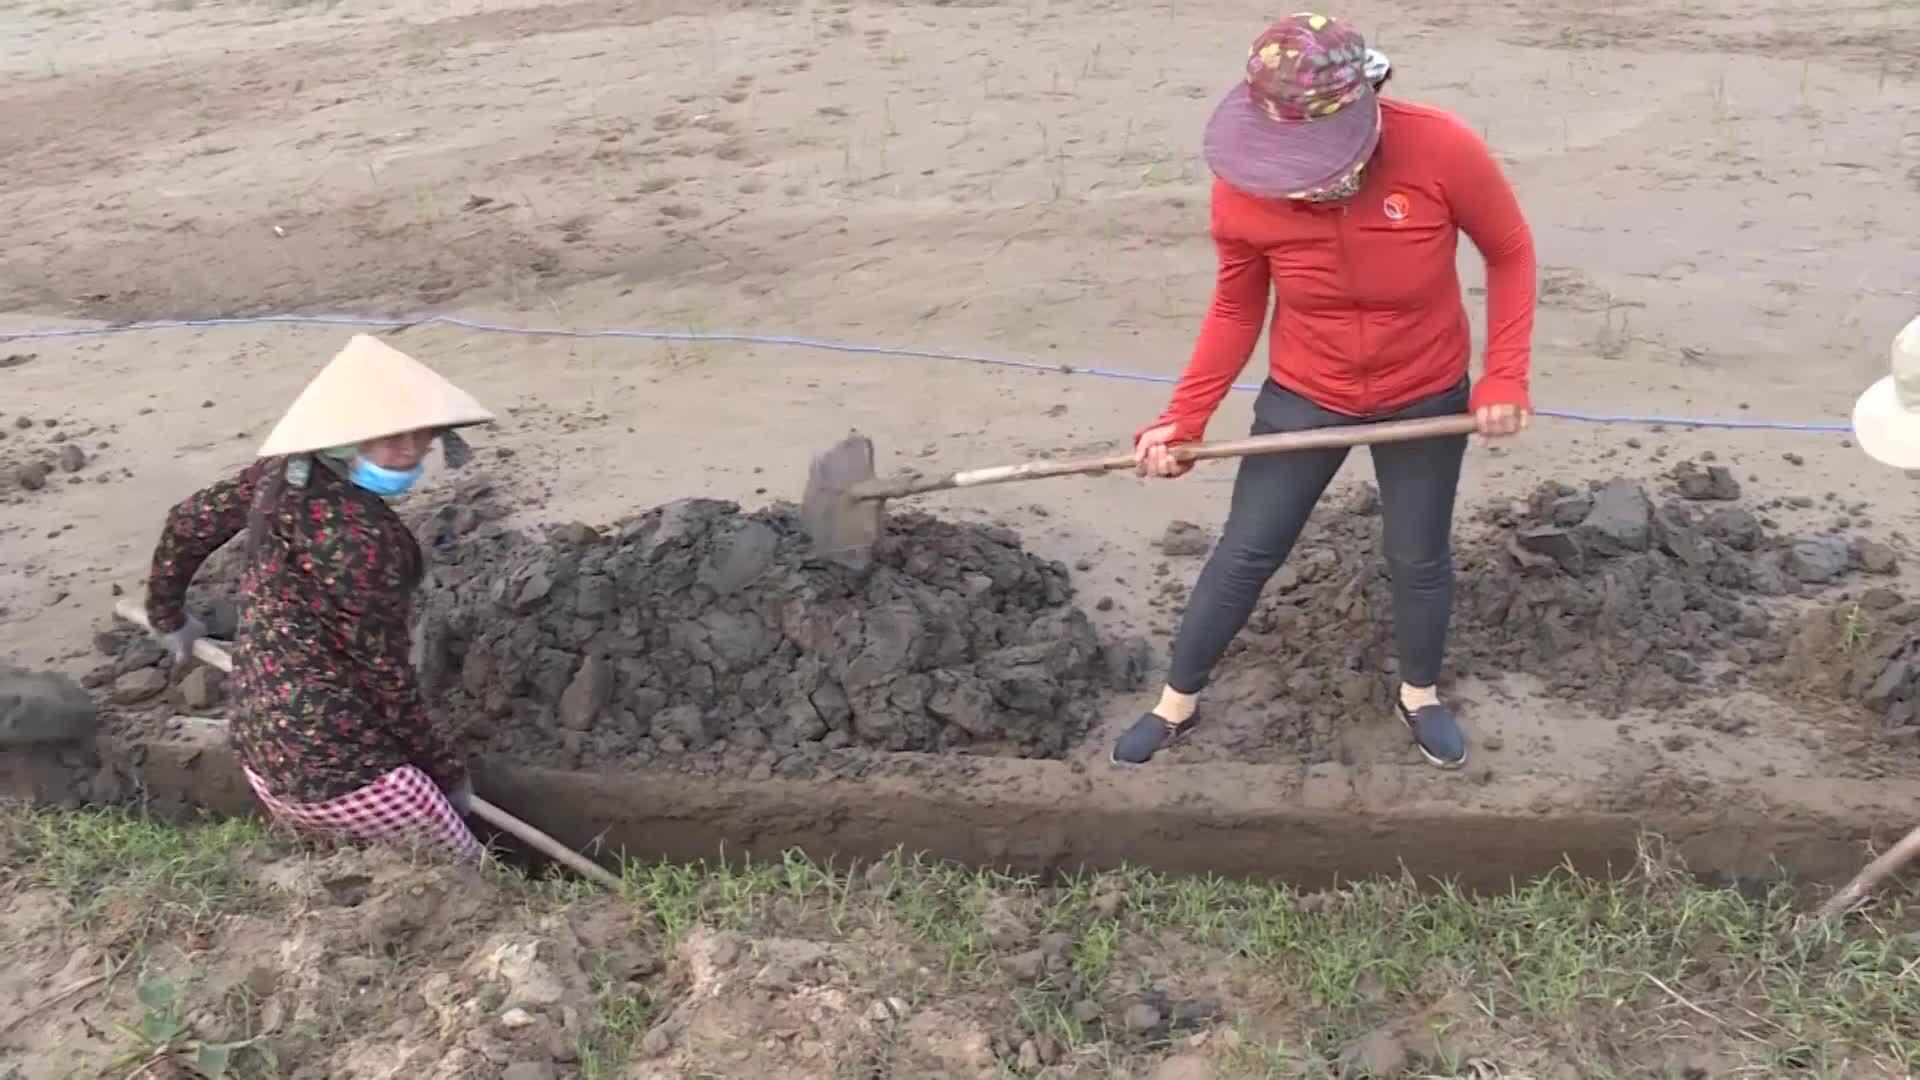 Ruộng nương bị vùi lấp sau lũ